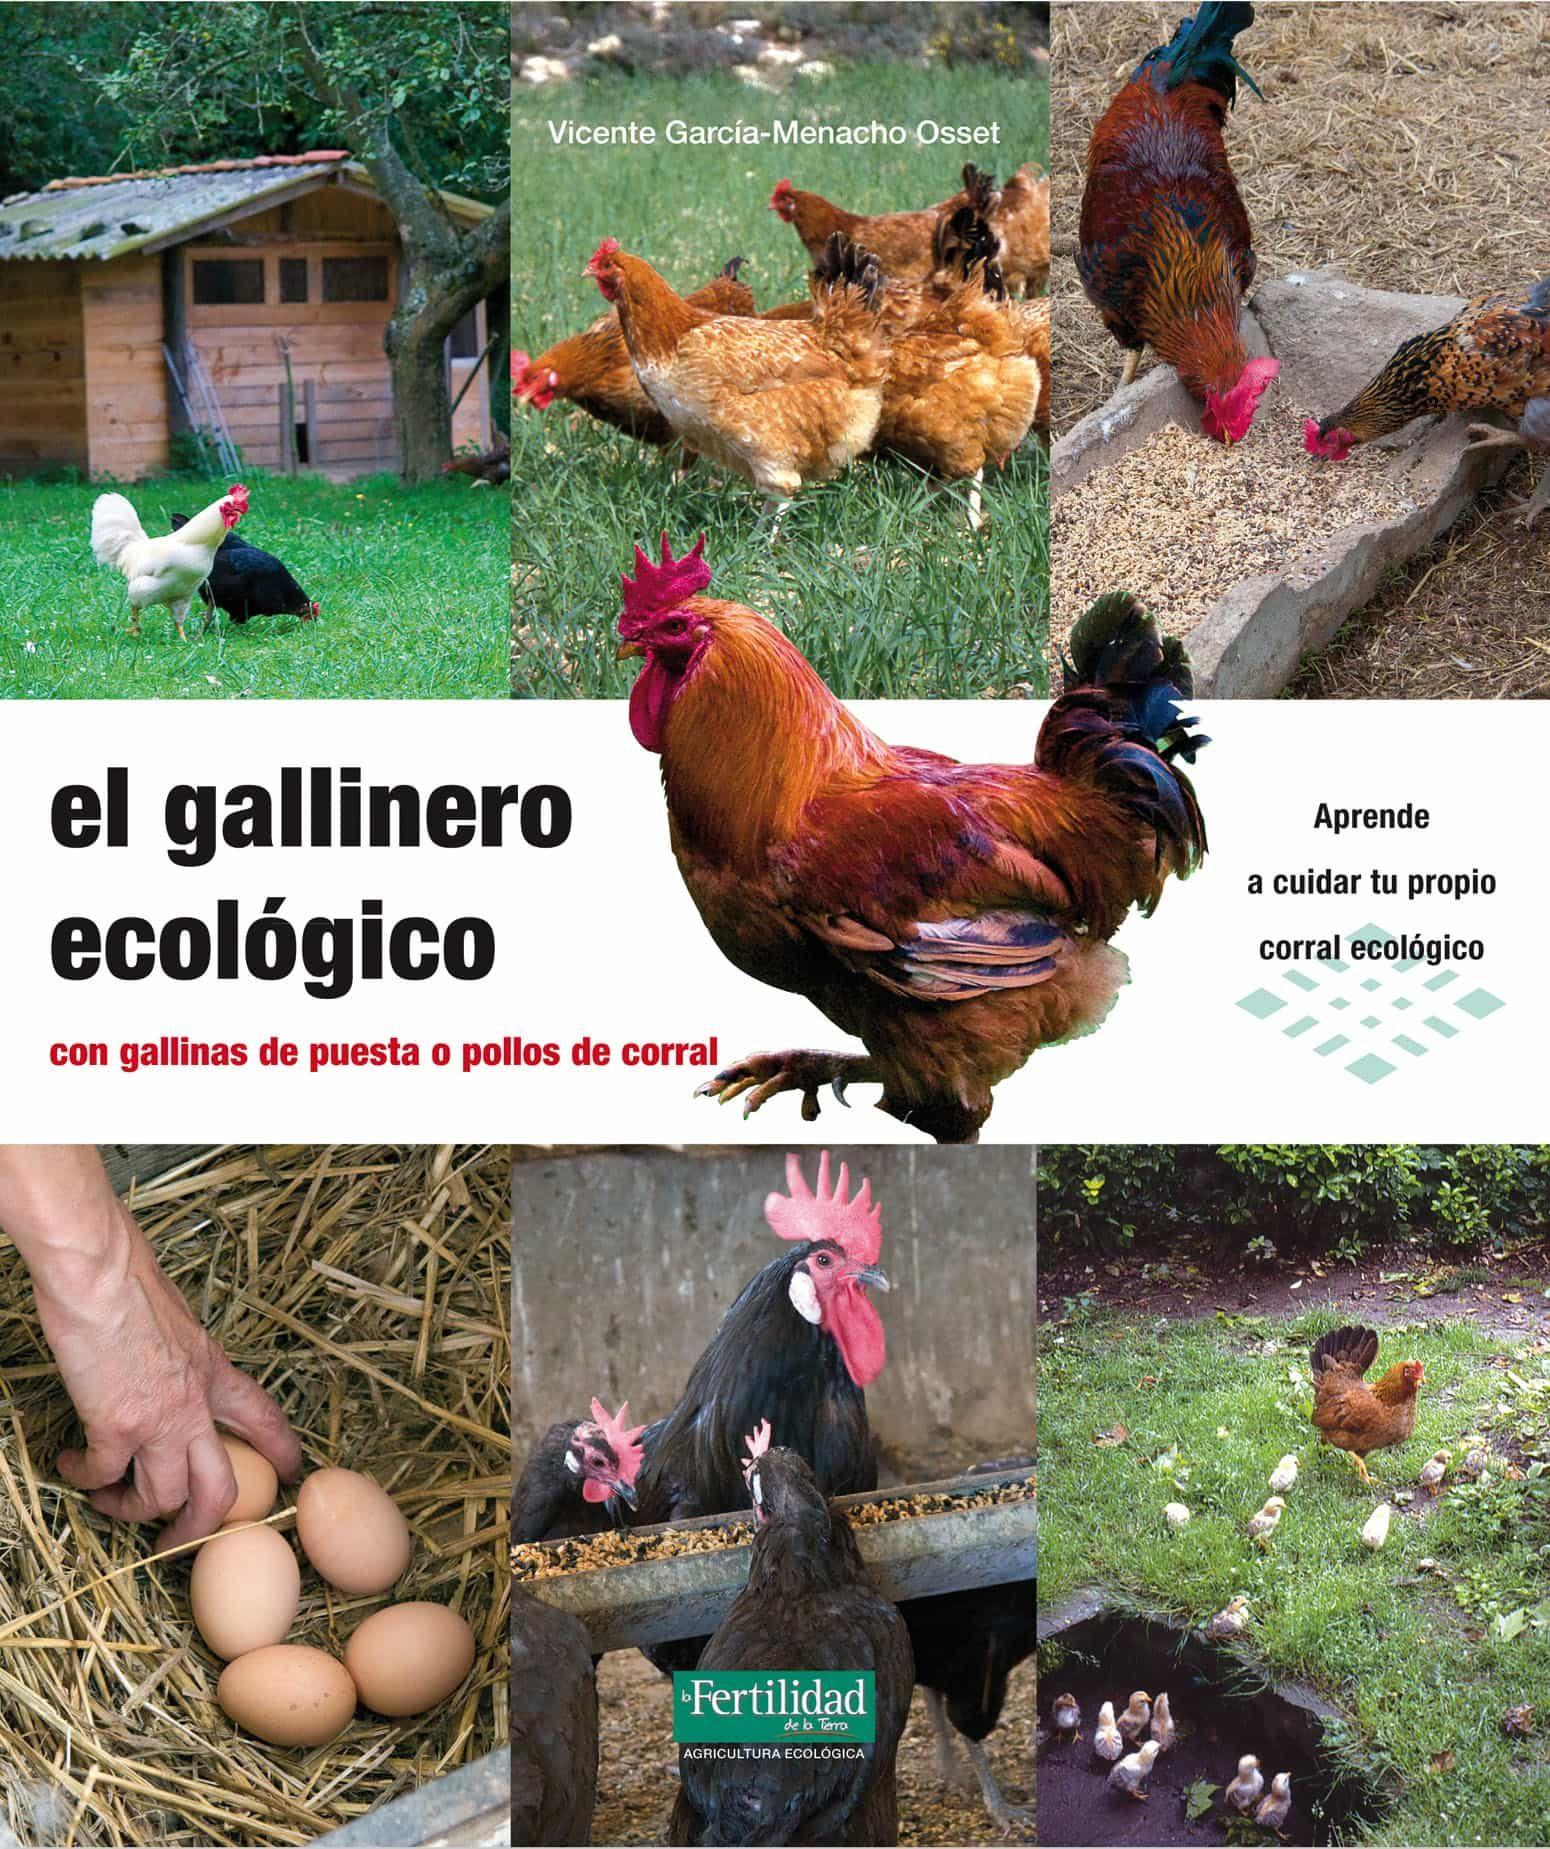 Gallinero Ecologico, El por Vicente Garcia Menacho-osset